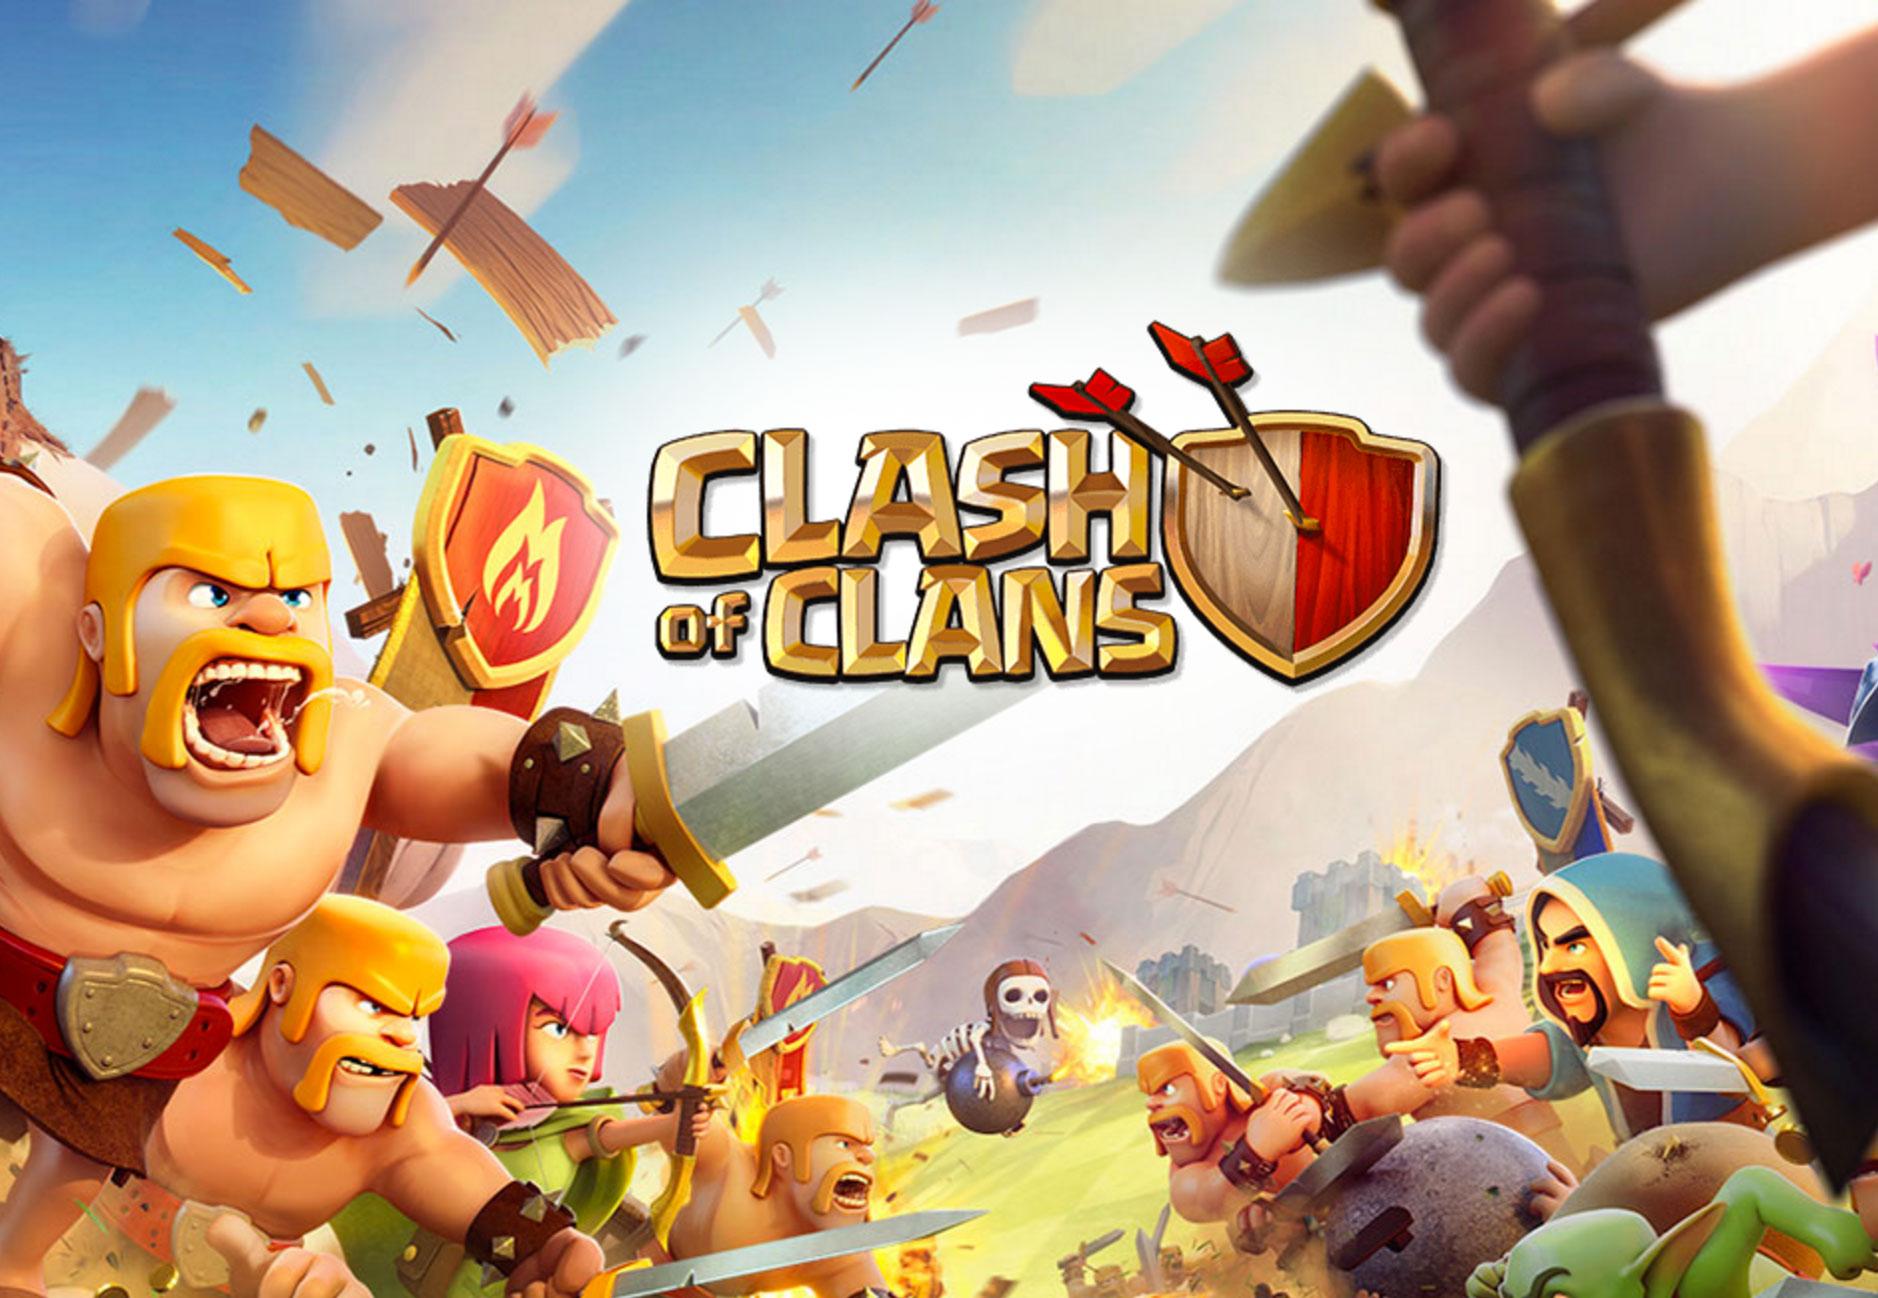 Daftar Akun Clash Of Clans Gratis Terbaru 2020